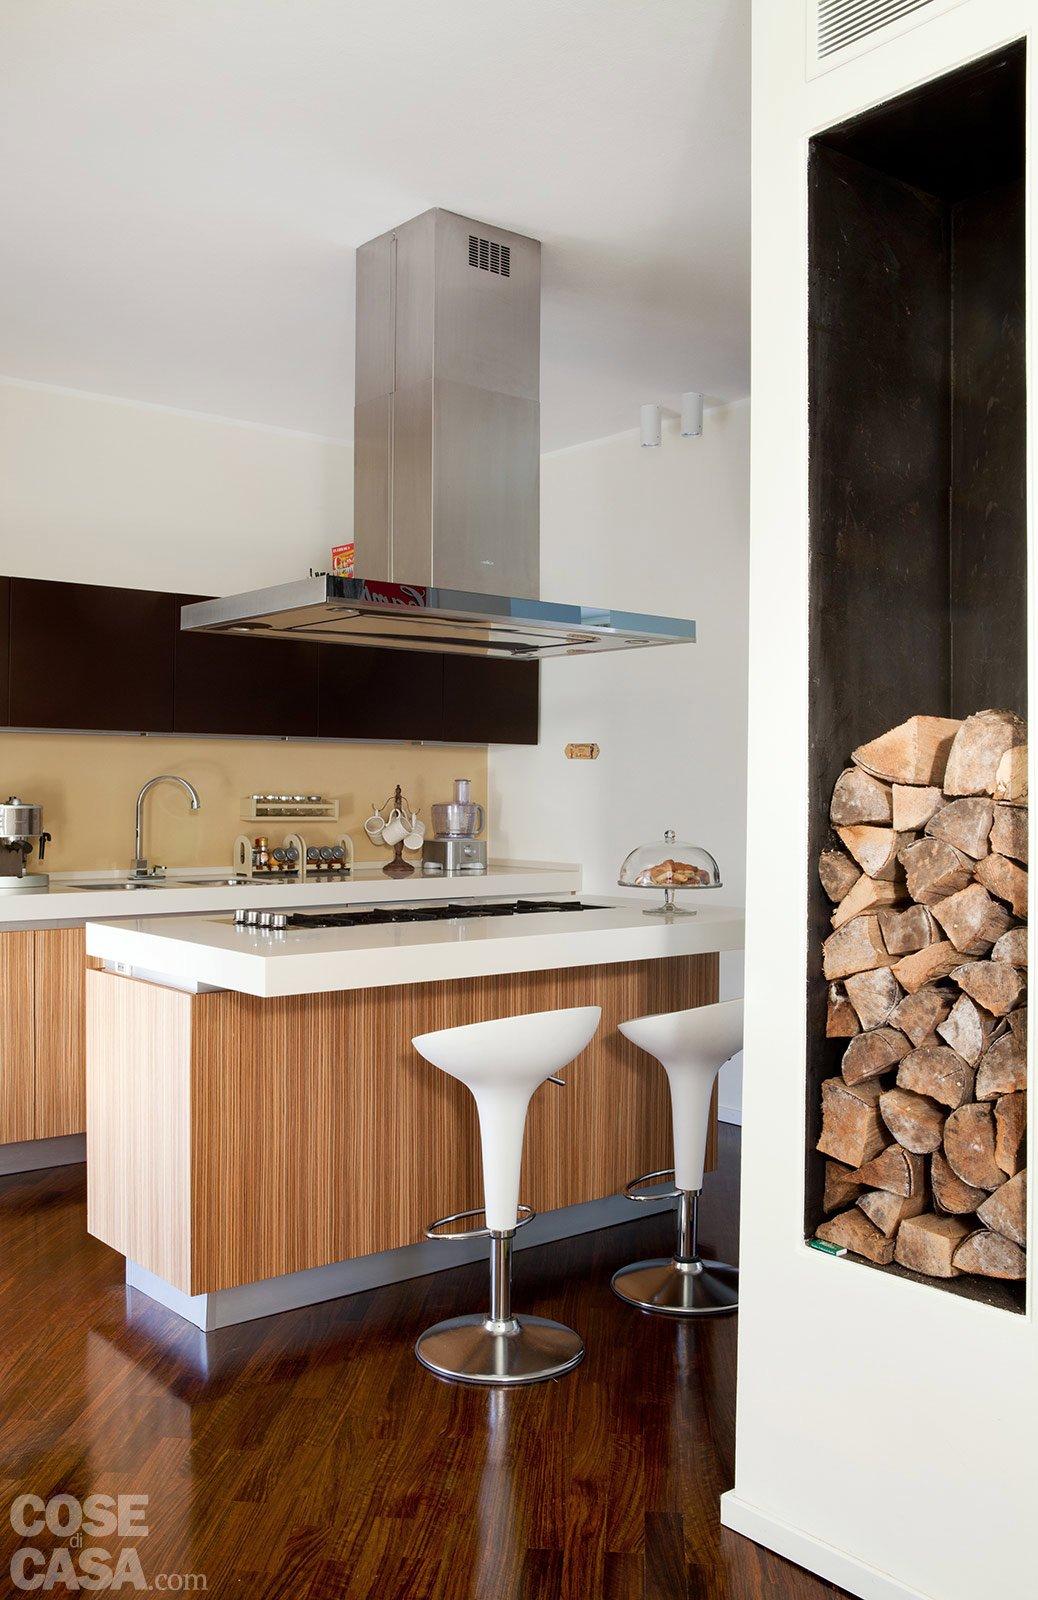 Casa pi vivibile dopo la ristrutturazione cose di casa for Disegni di casa piano aperto